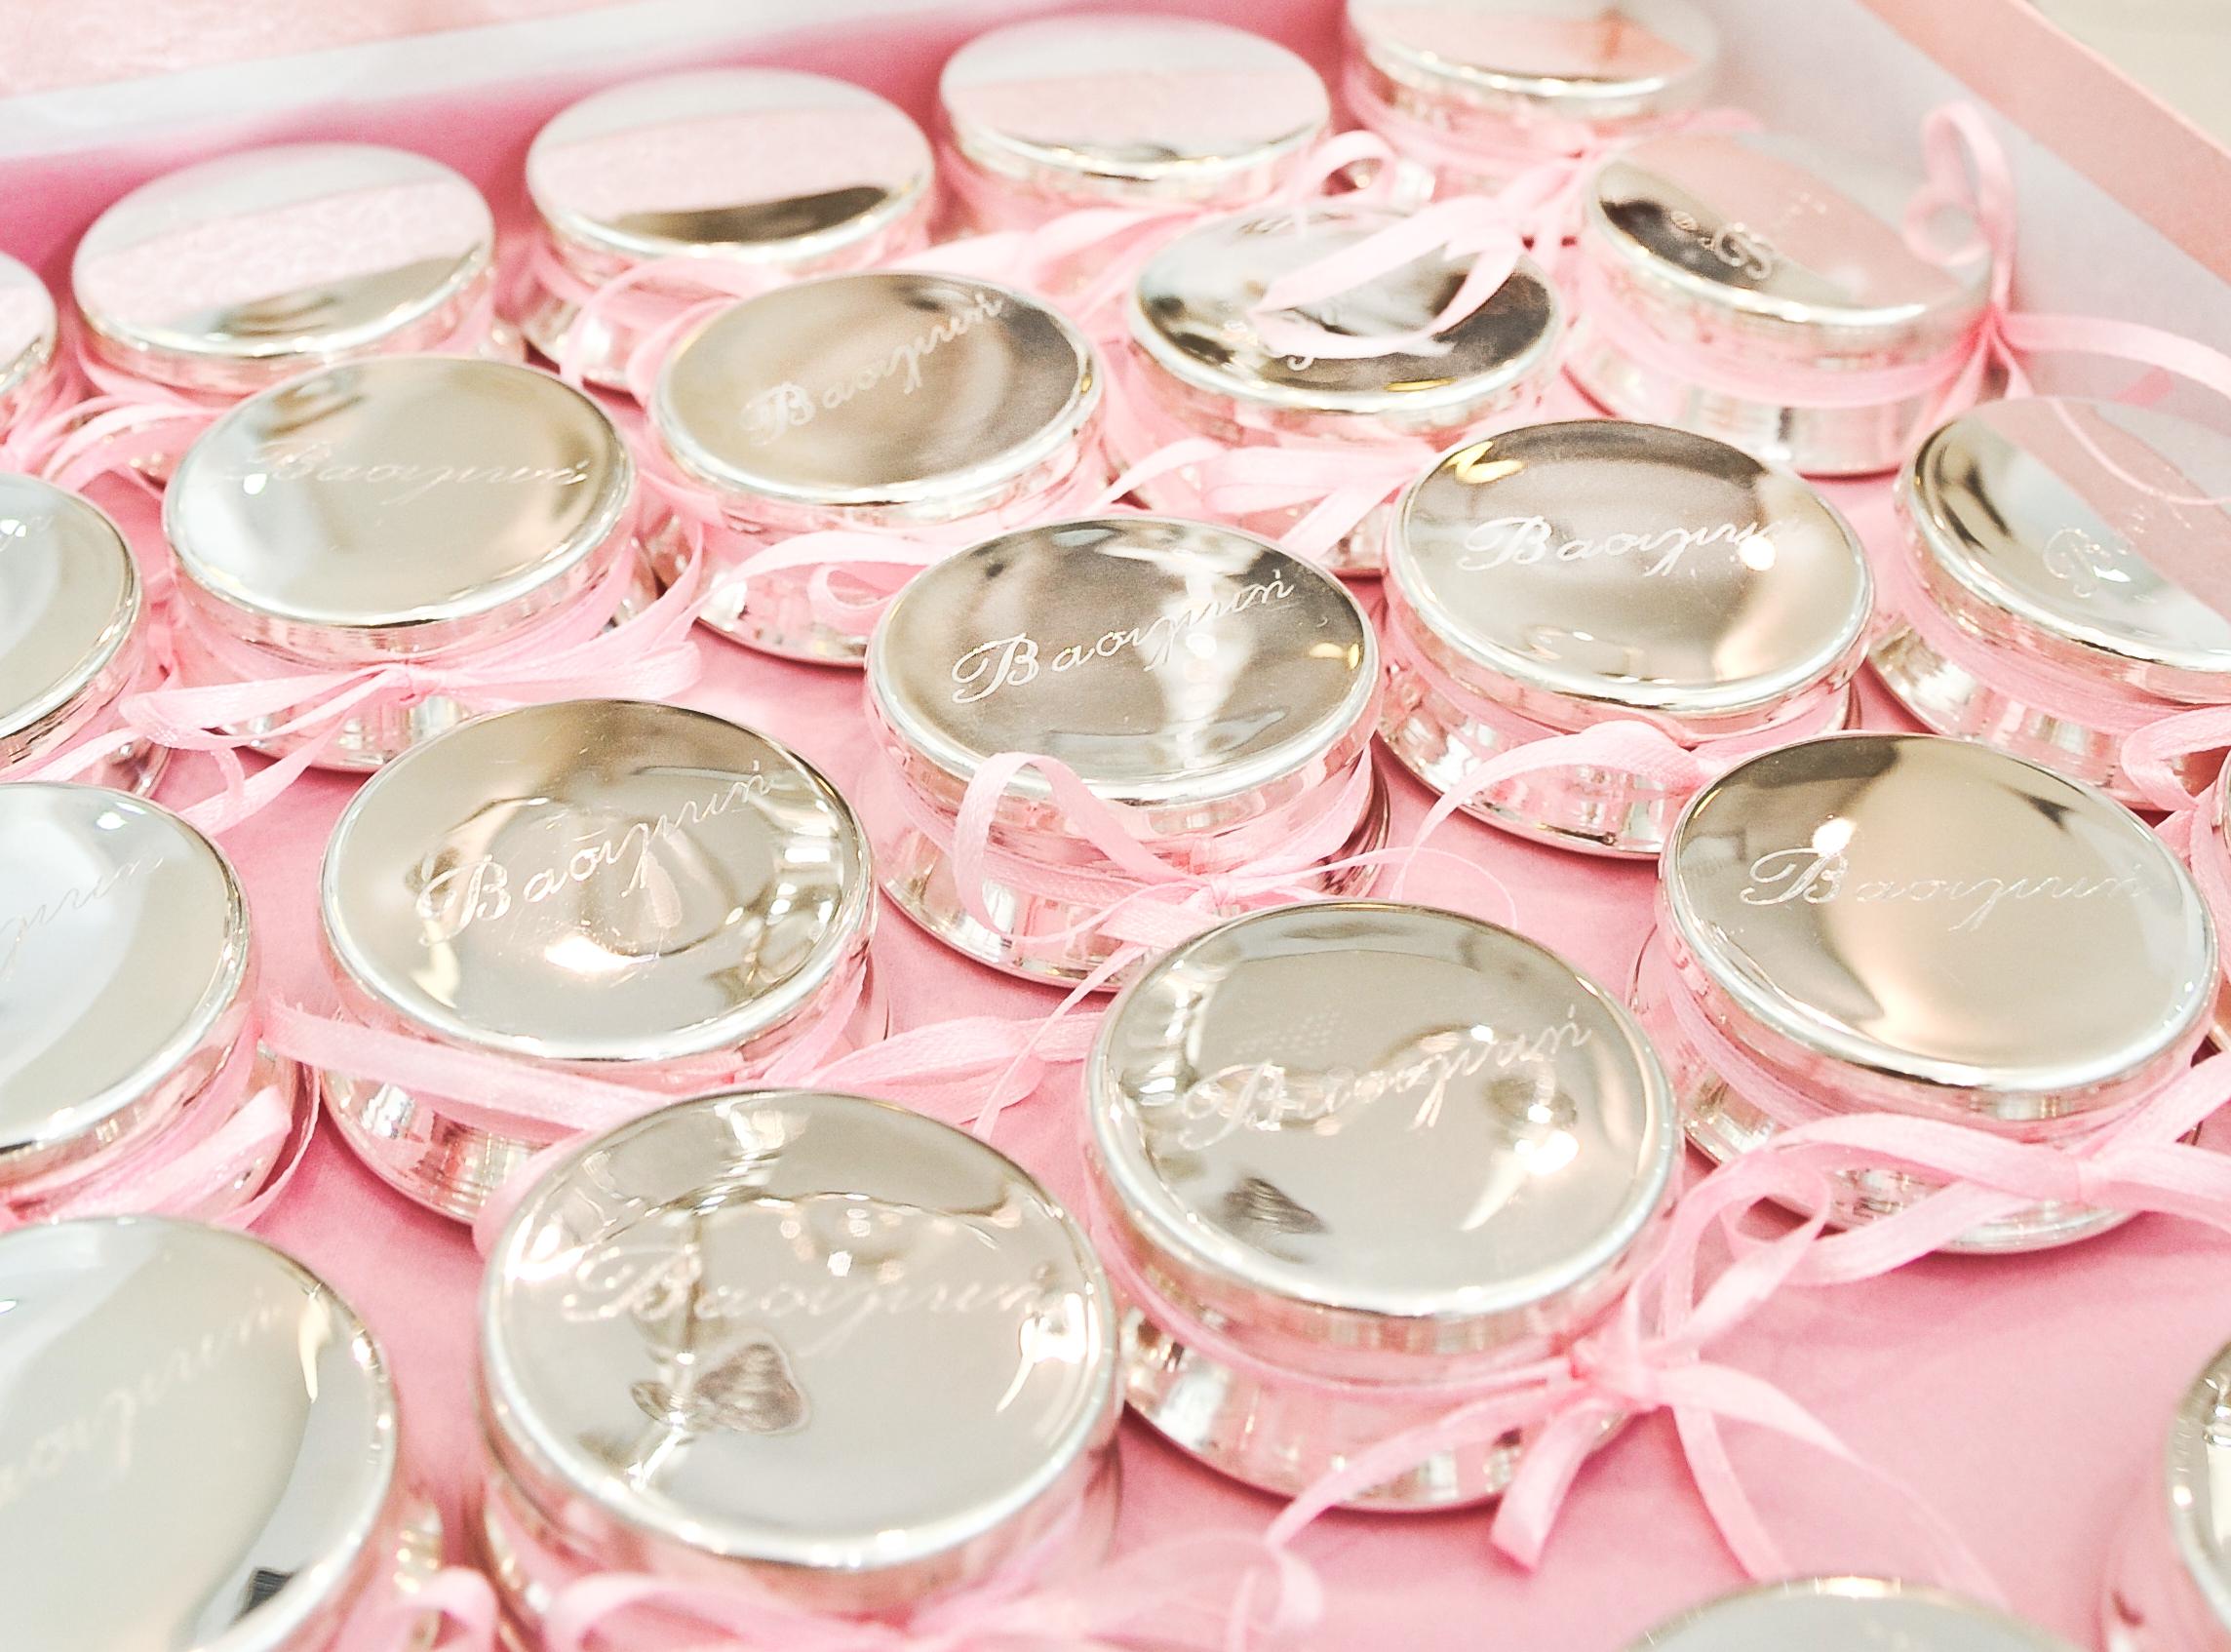 μπομπονιέρα κουτάκι - ασήμι & κράμα μετάλλων